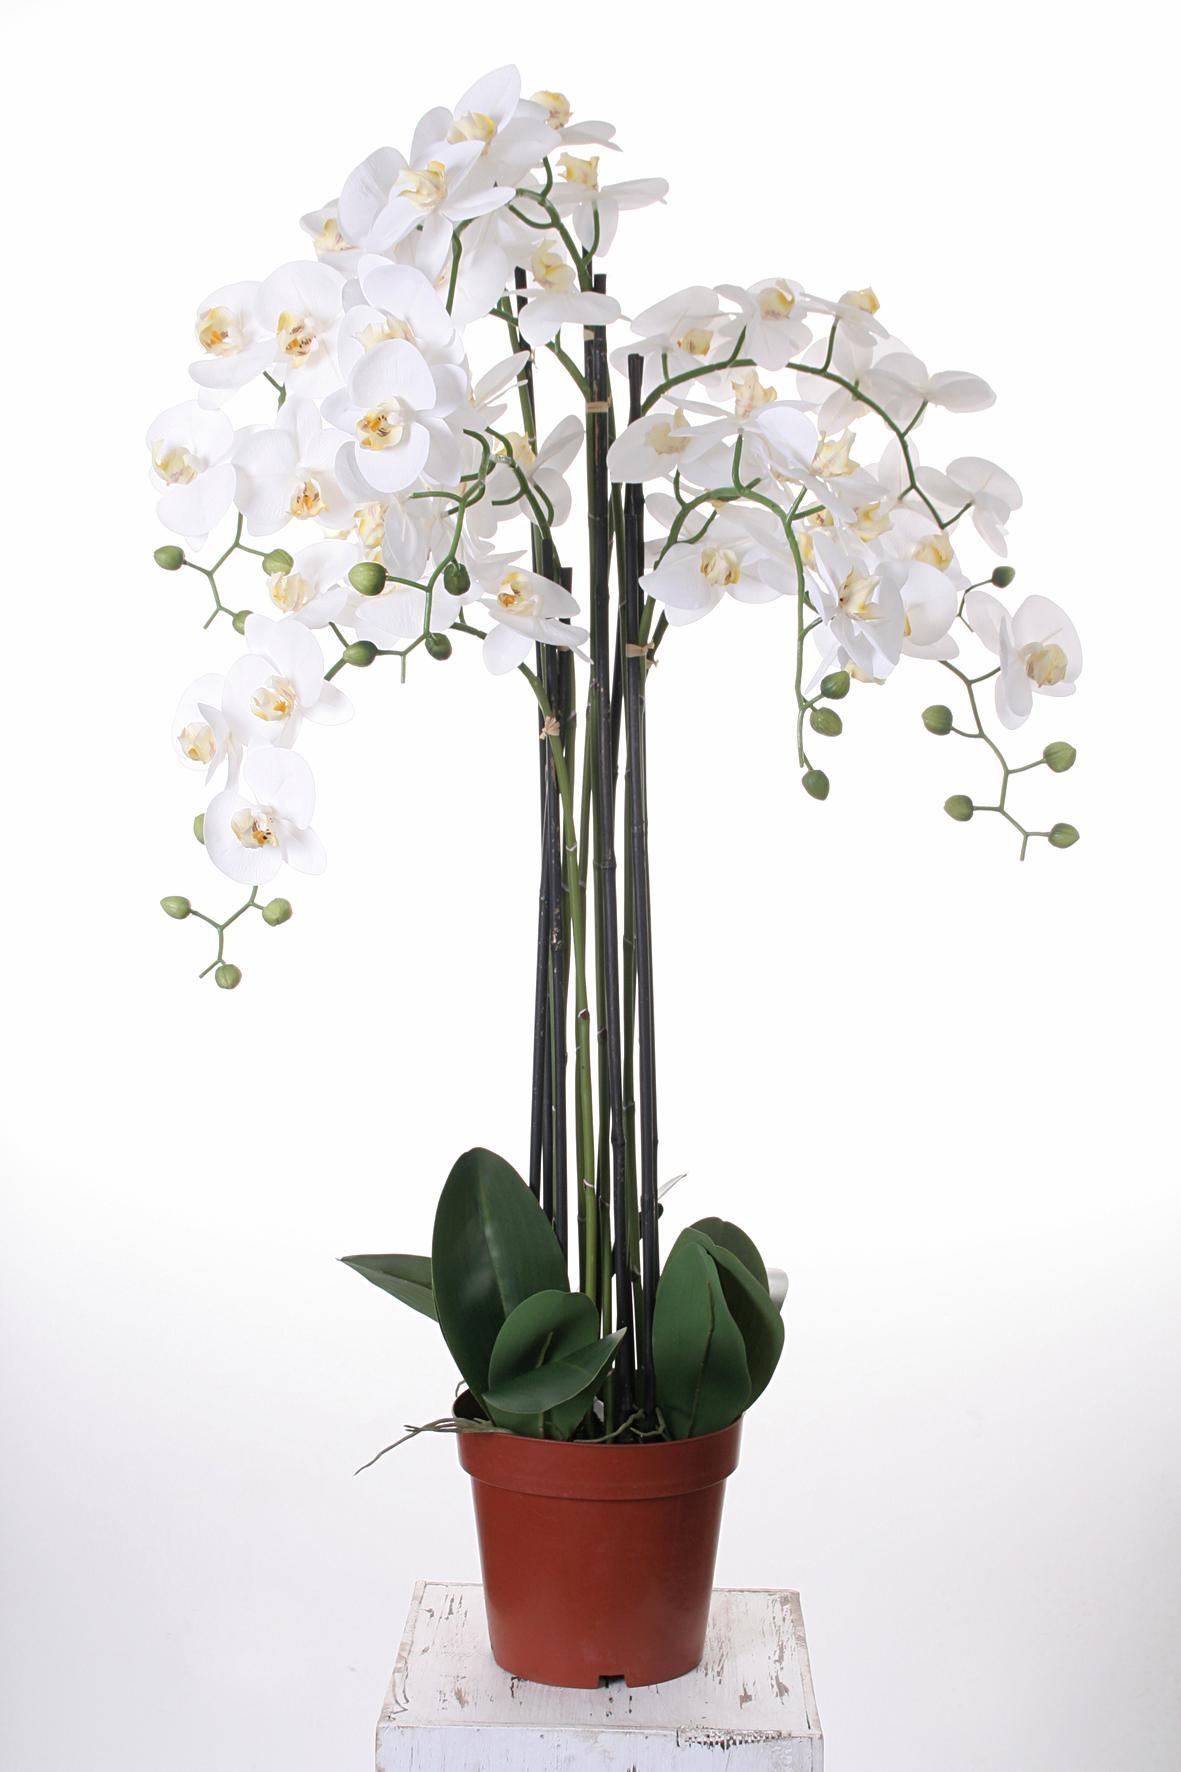 kunstorchidee »Orchidee XXL« goedkoop op otto.nl kopen